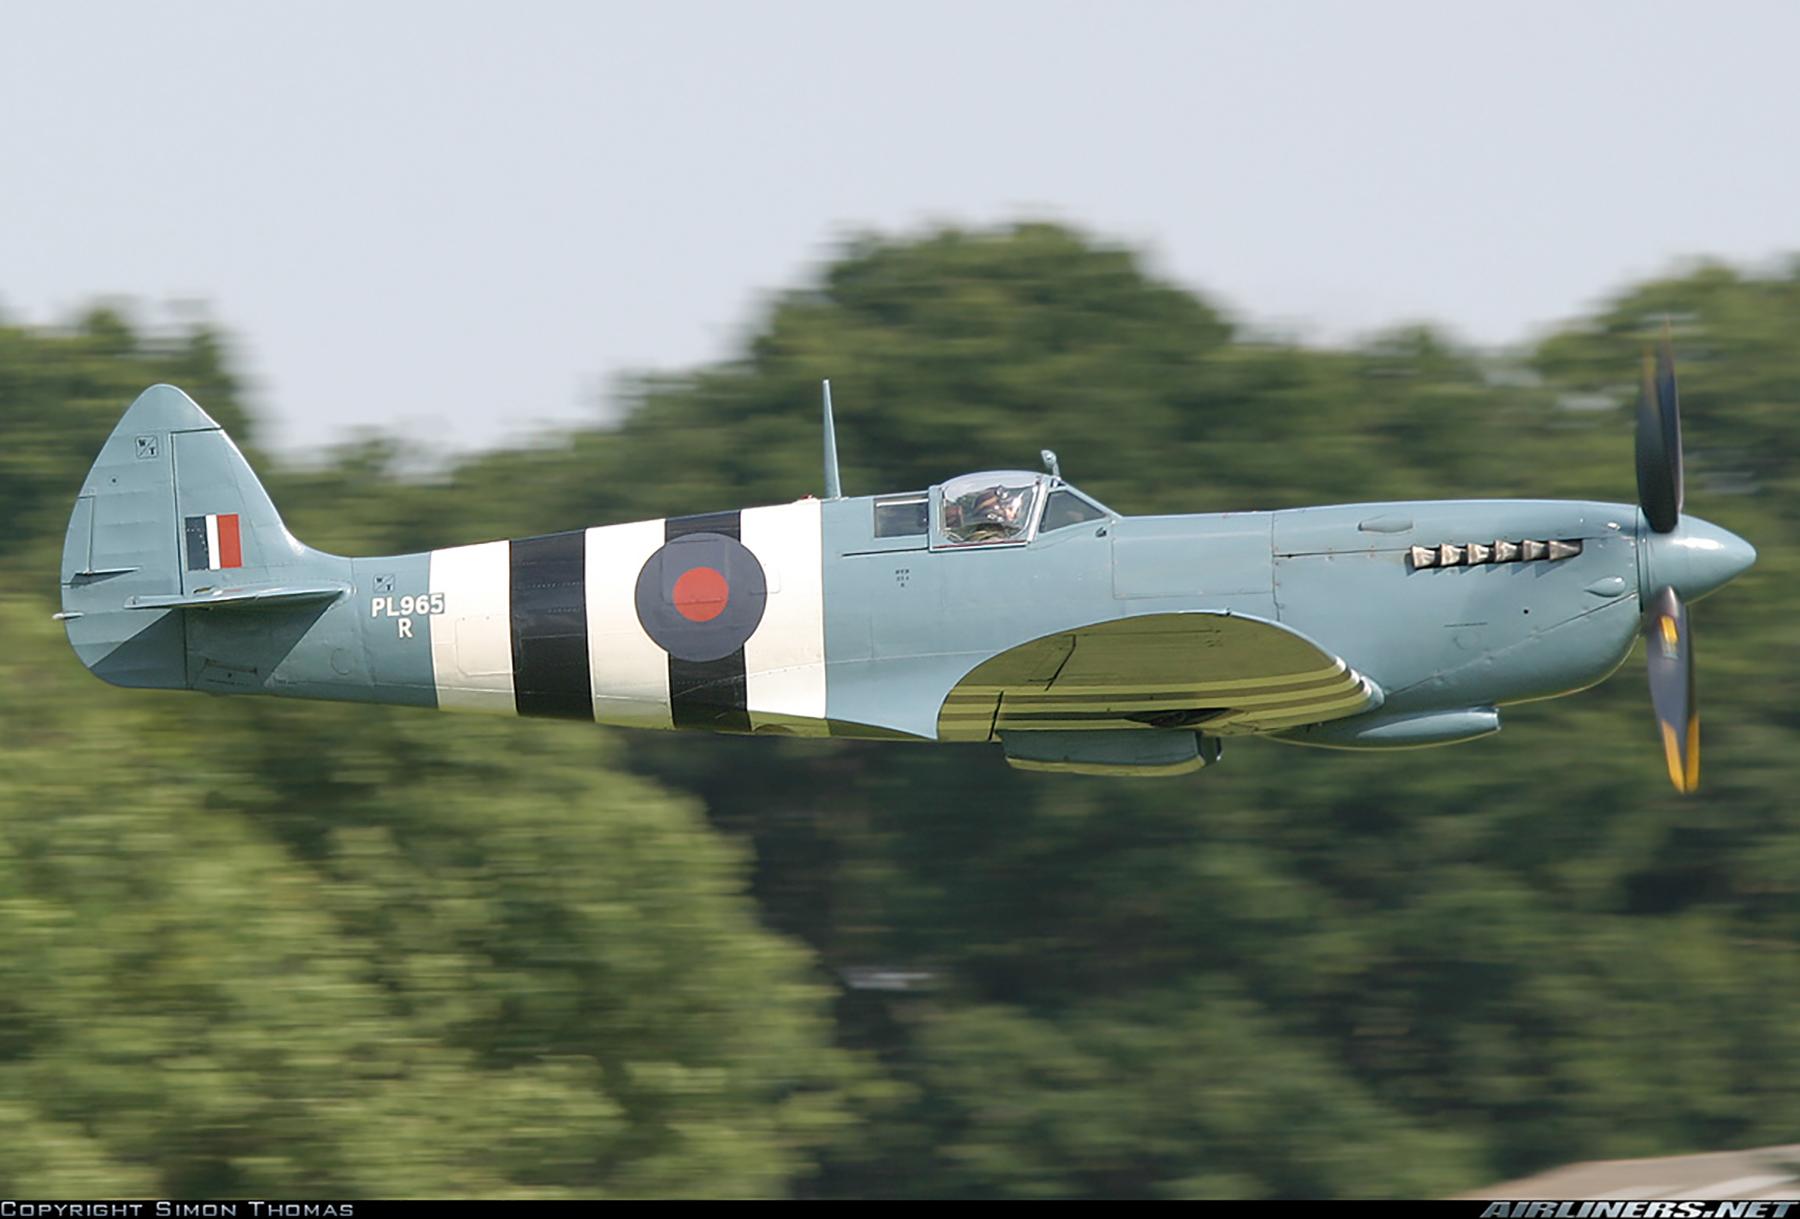 Airworthy Spitfire warbird PRXI RAF 16Sqn R PL965 18